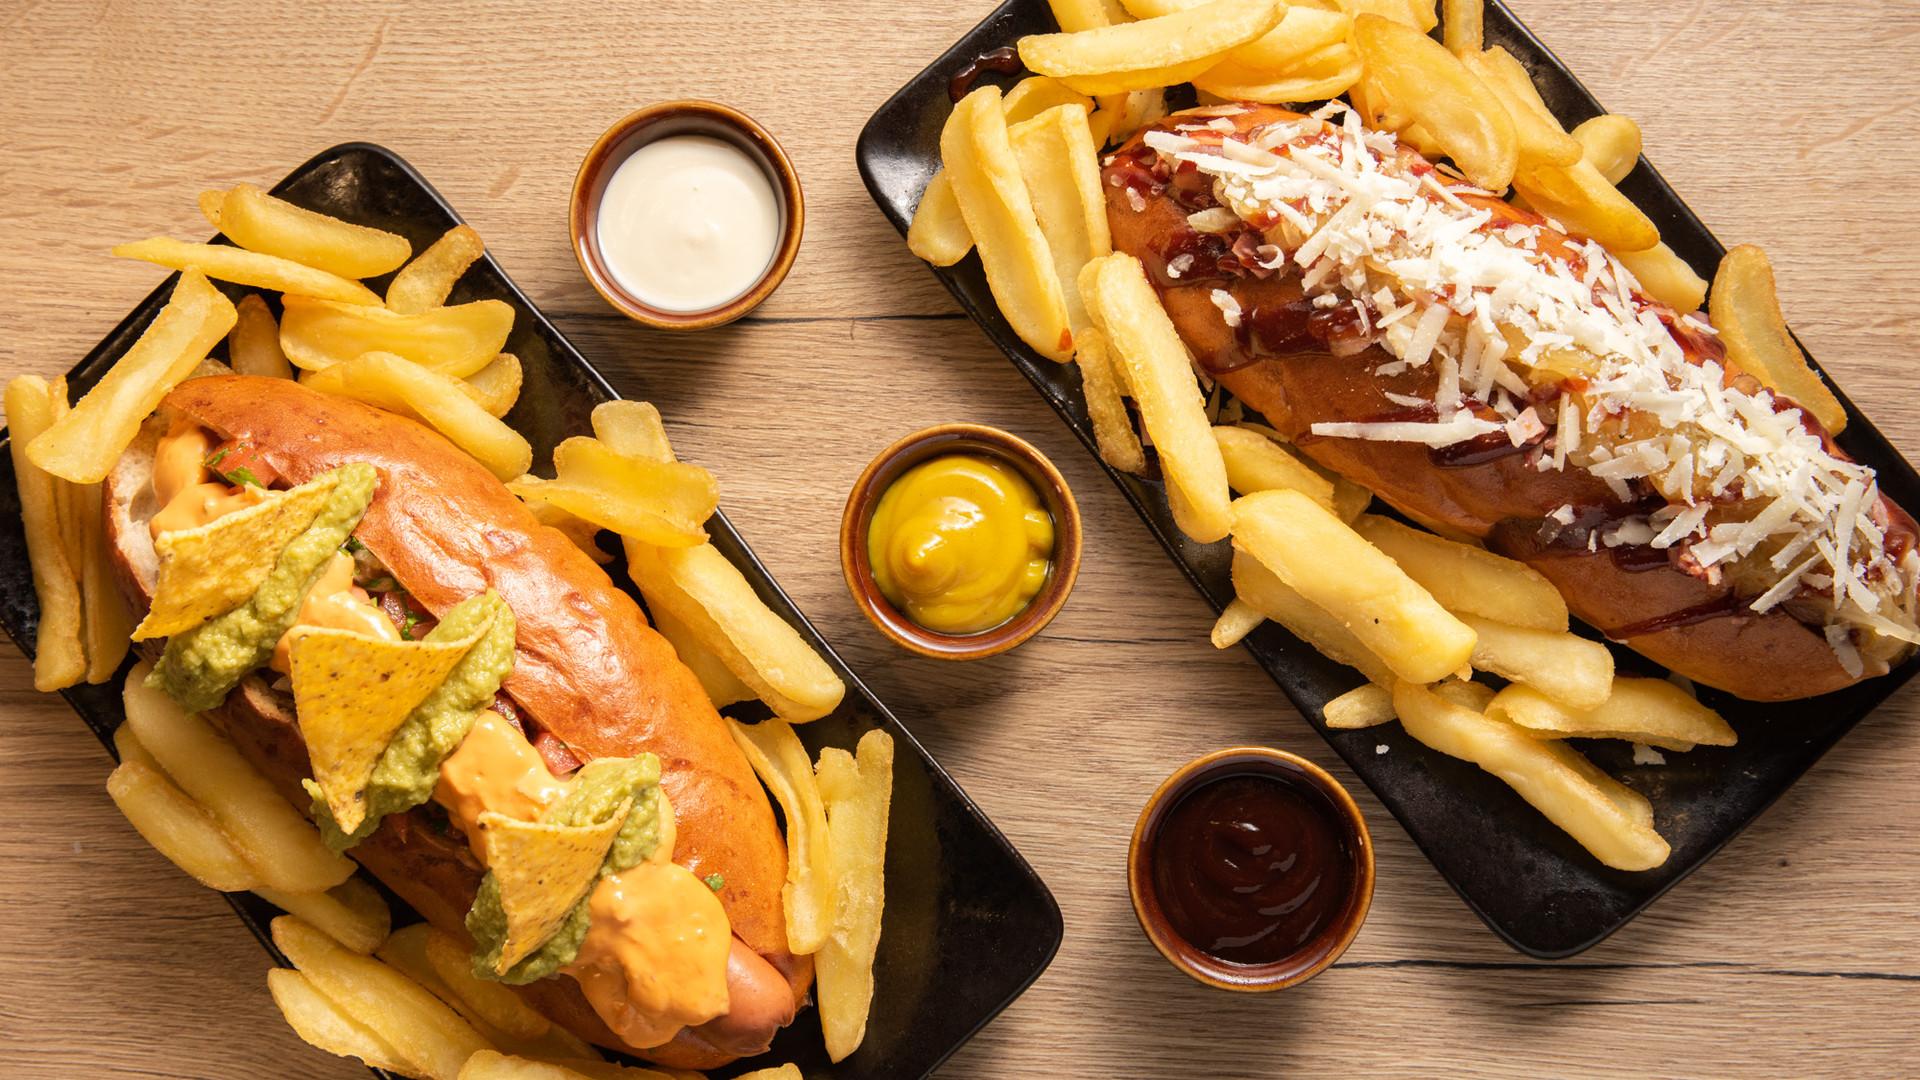 hamburguer, fotografia de comida, prto, portugal, jbreno fotografia